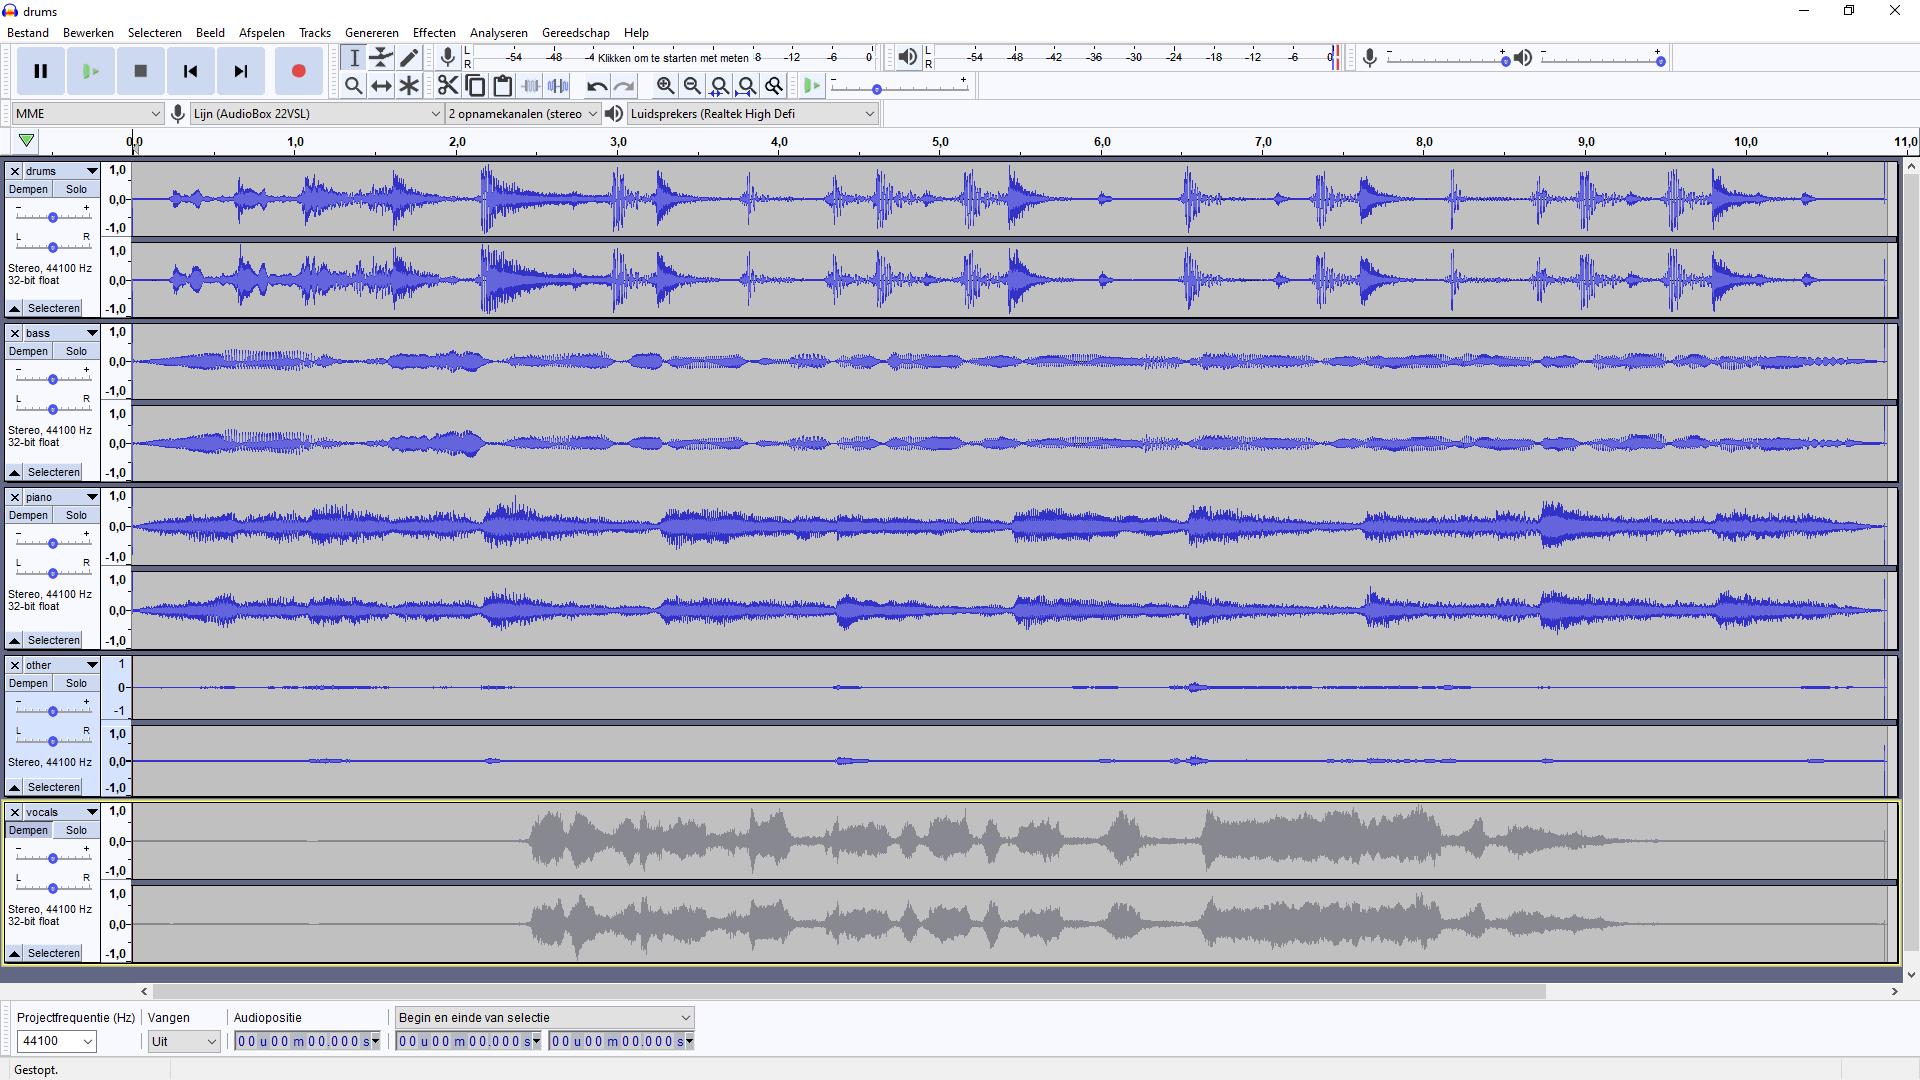 et Audacity kun je losse sporen openen en weer samenvoegen tot één muzieknummer.